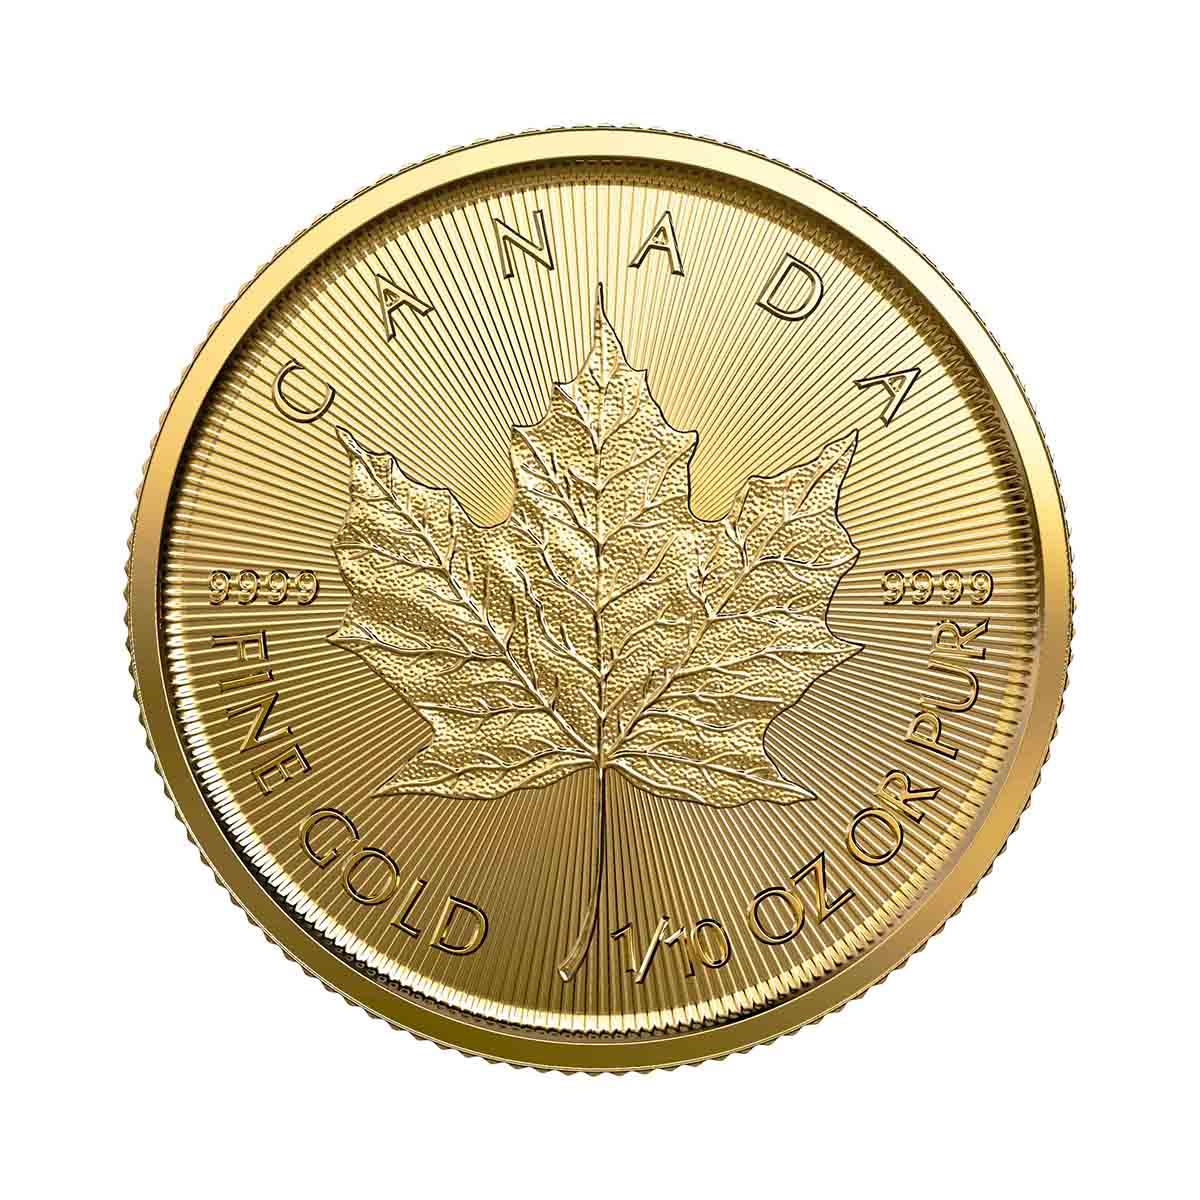 1/10 oz Canadian Gold Maple Leaf Uncirculated - Random Year